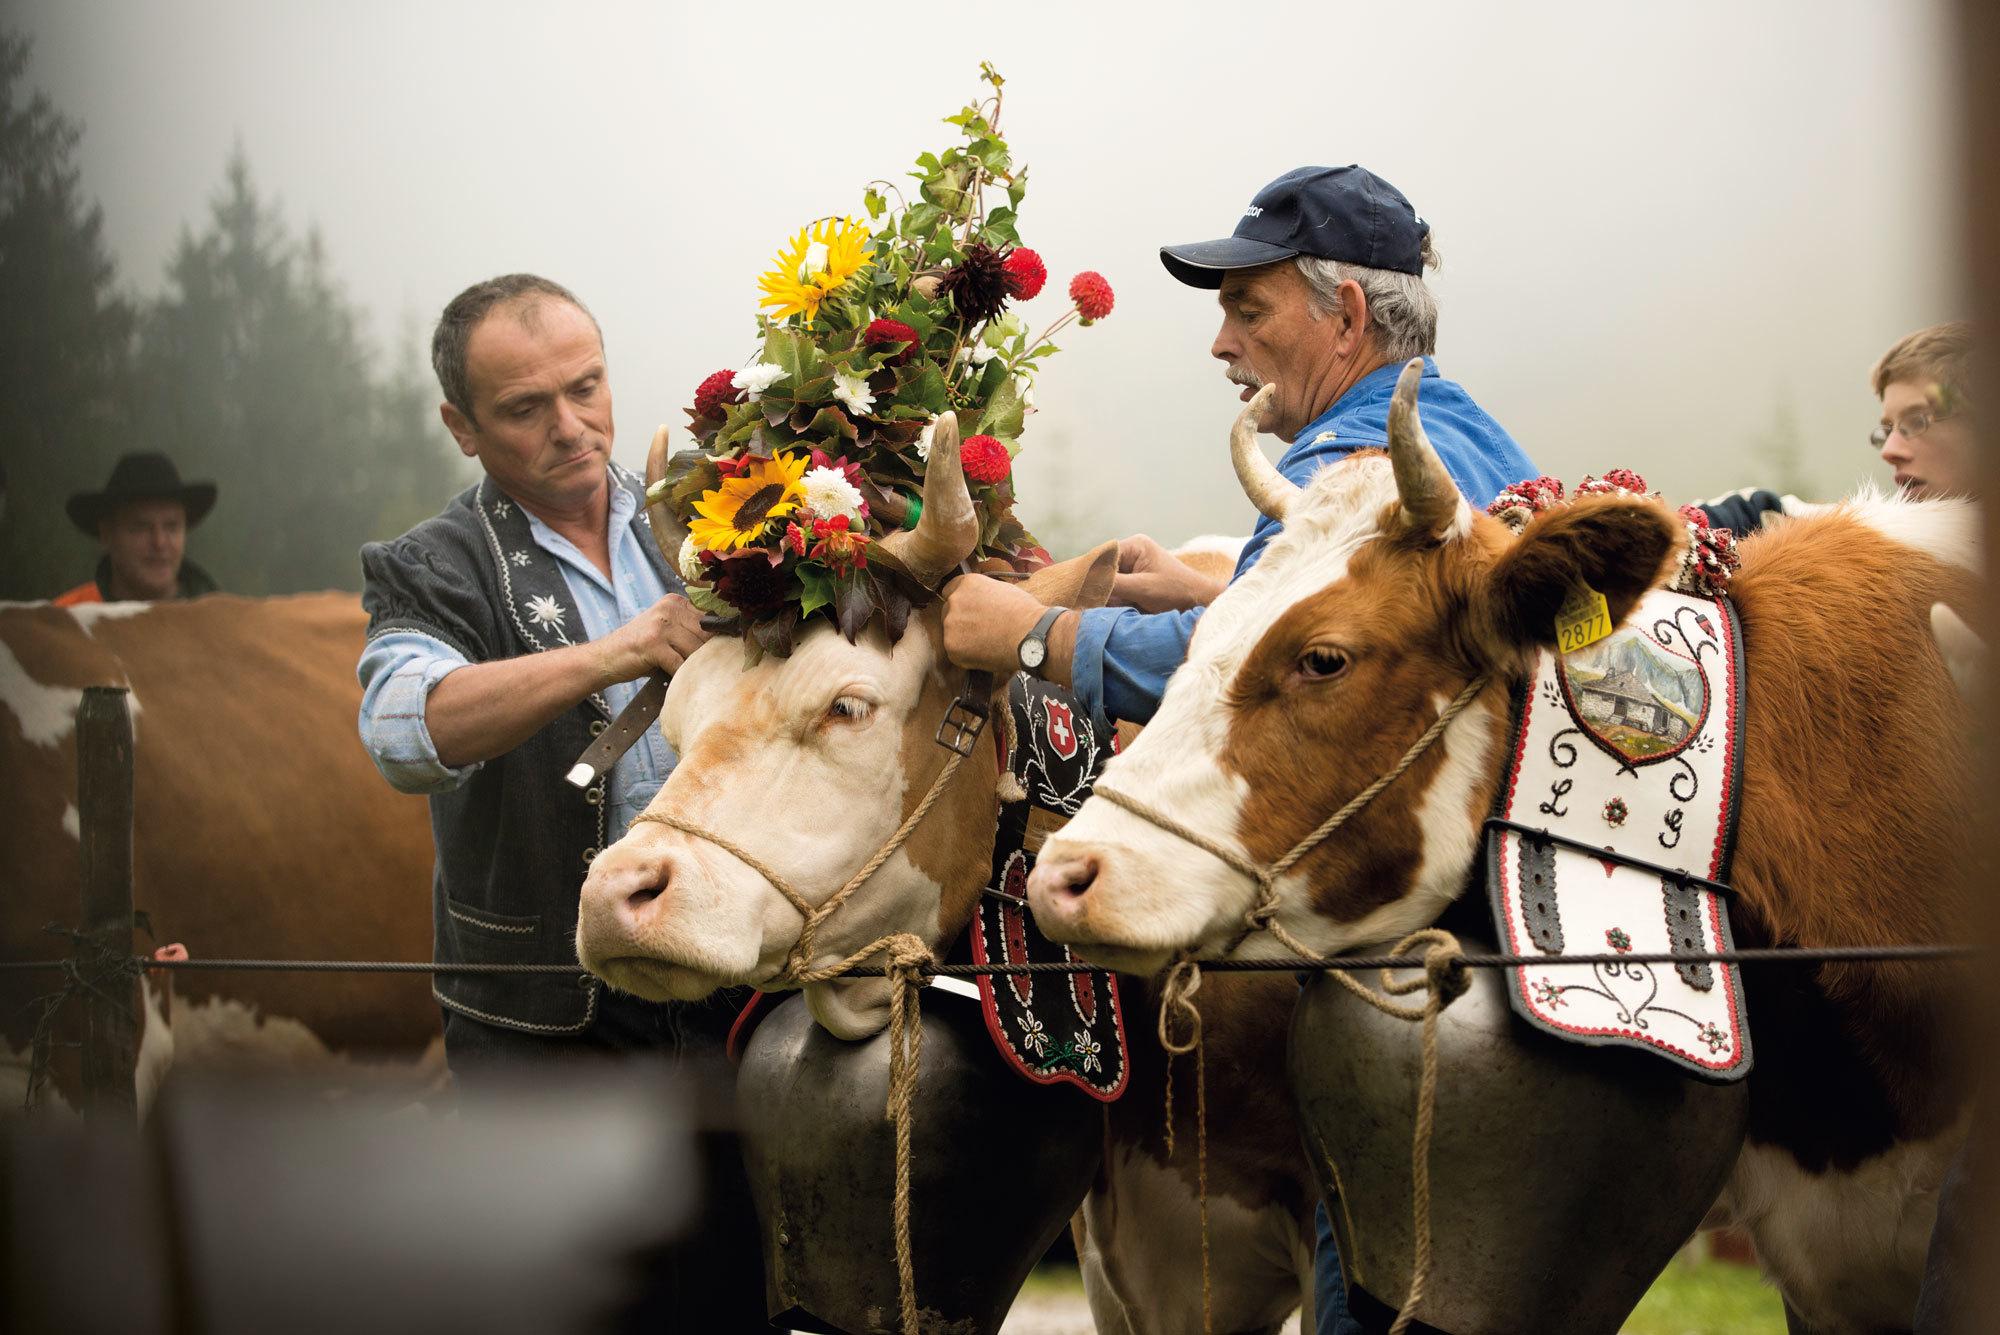 Dress a cow - Bucket List